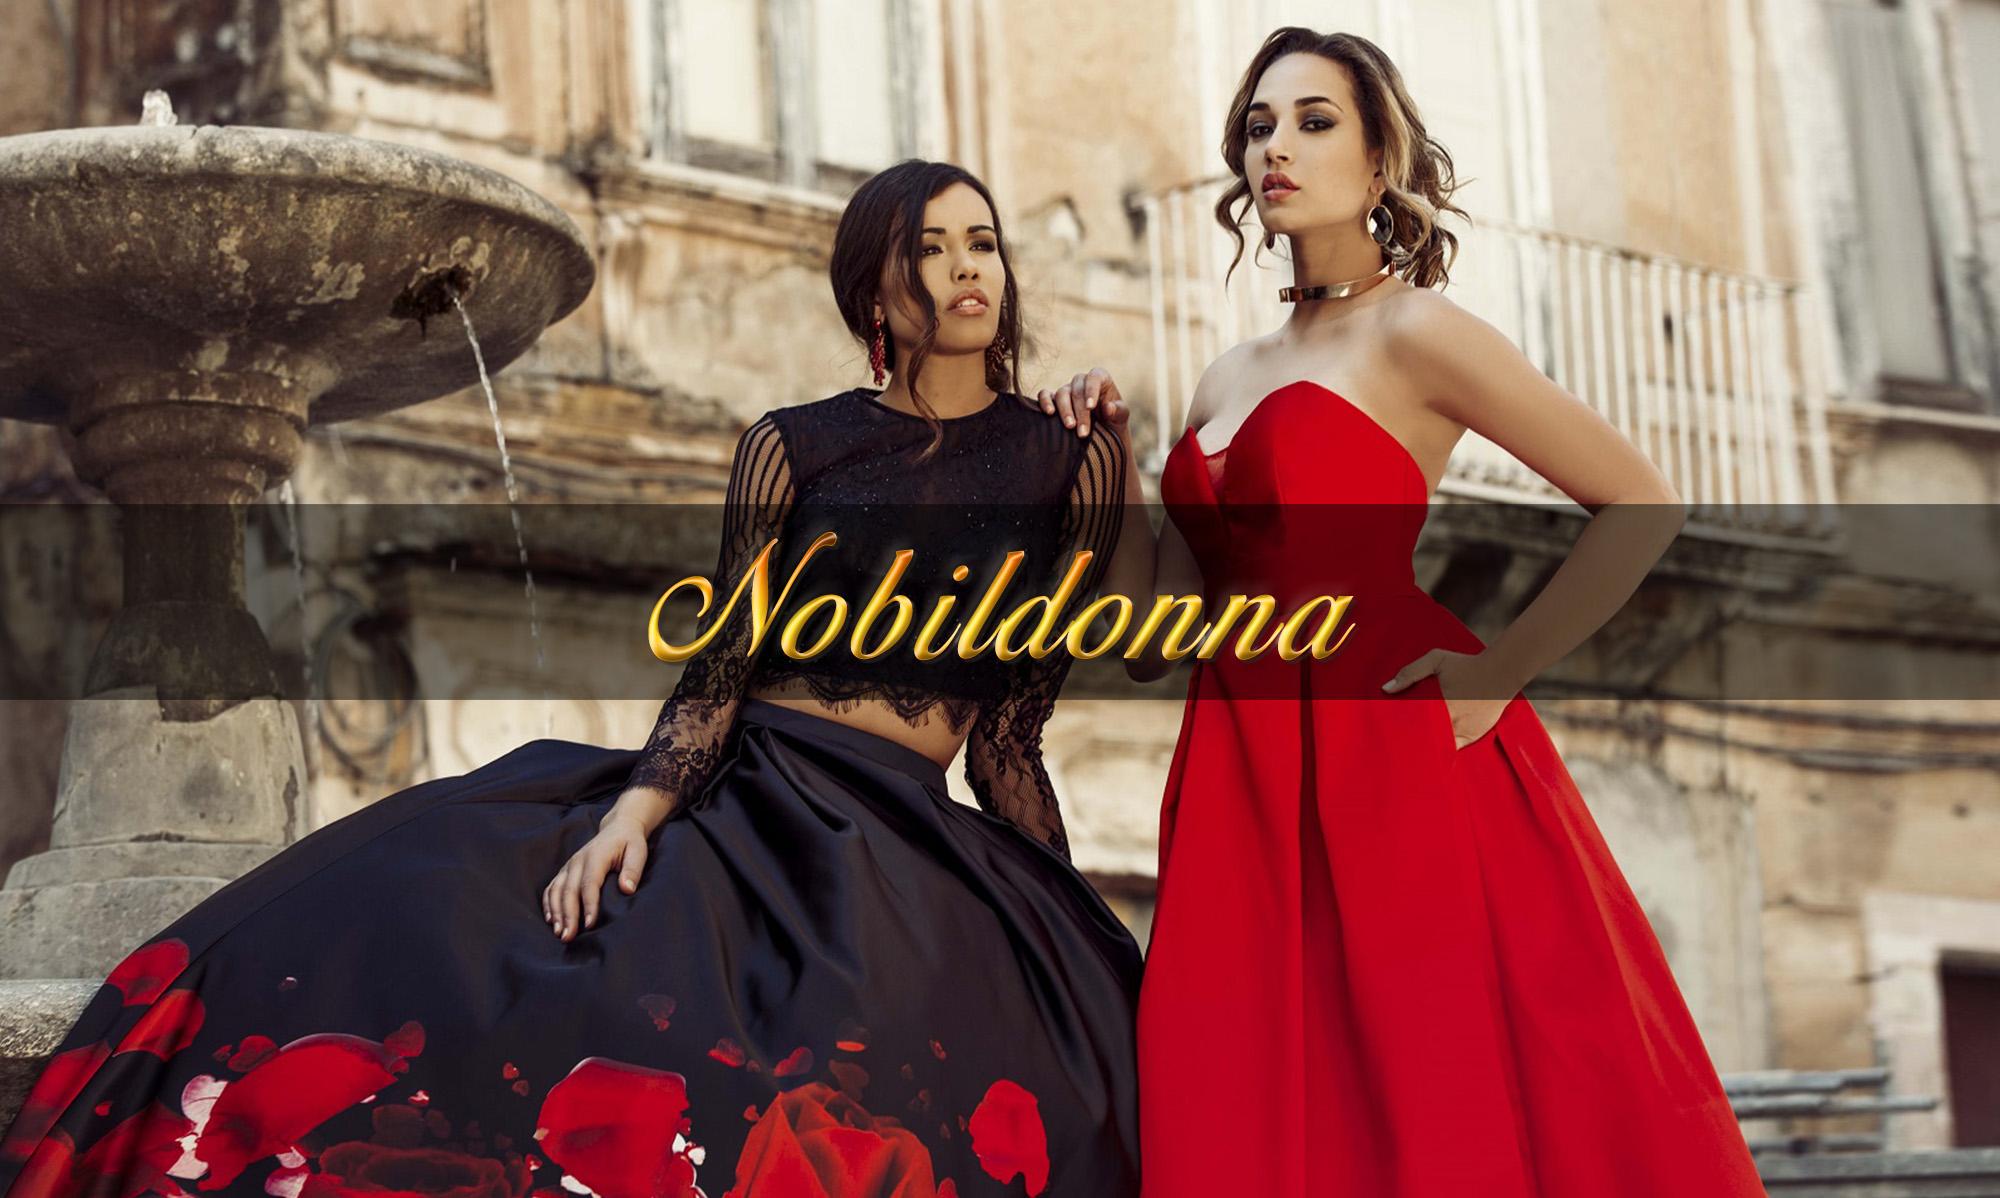 796a71e837ee Nobildonna - Abiti da cerimonia Napoli - Abbigliamento donna Napoli